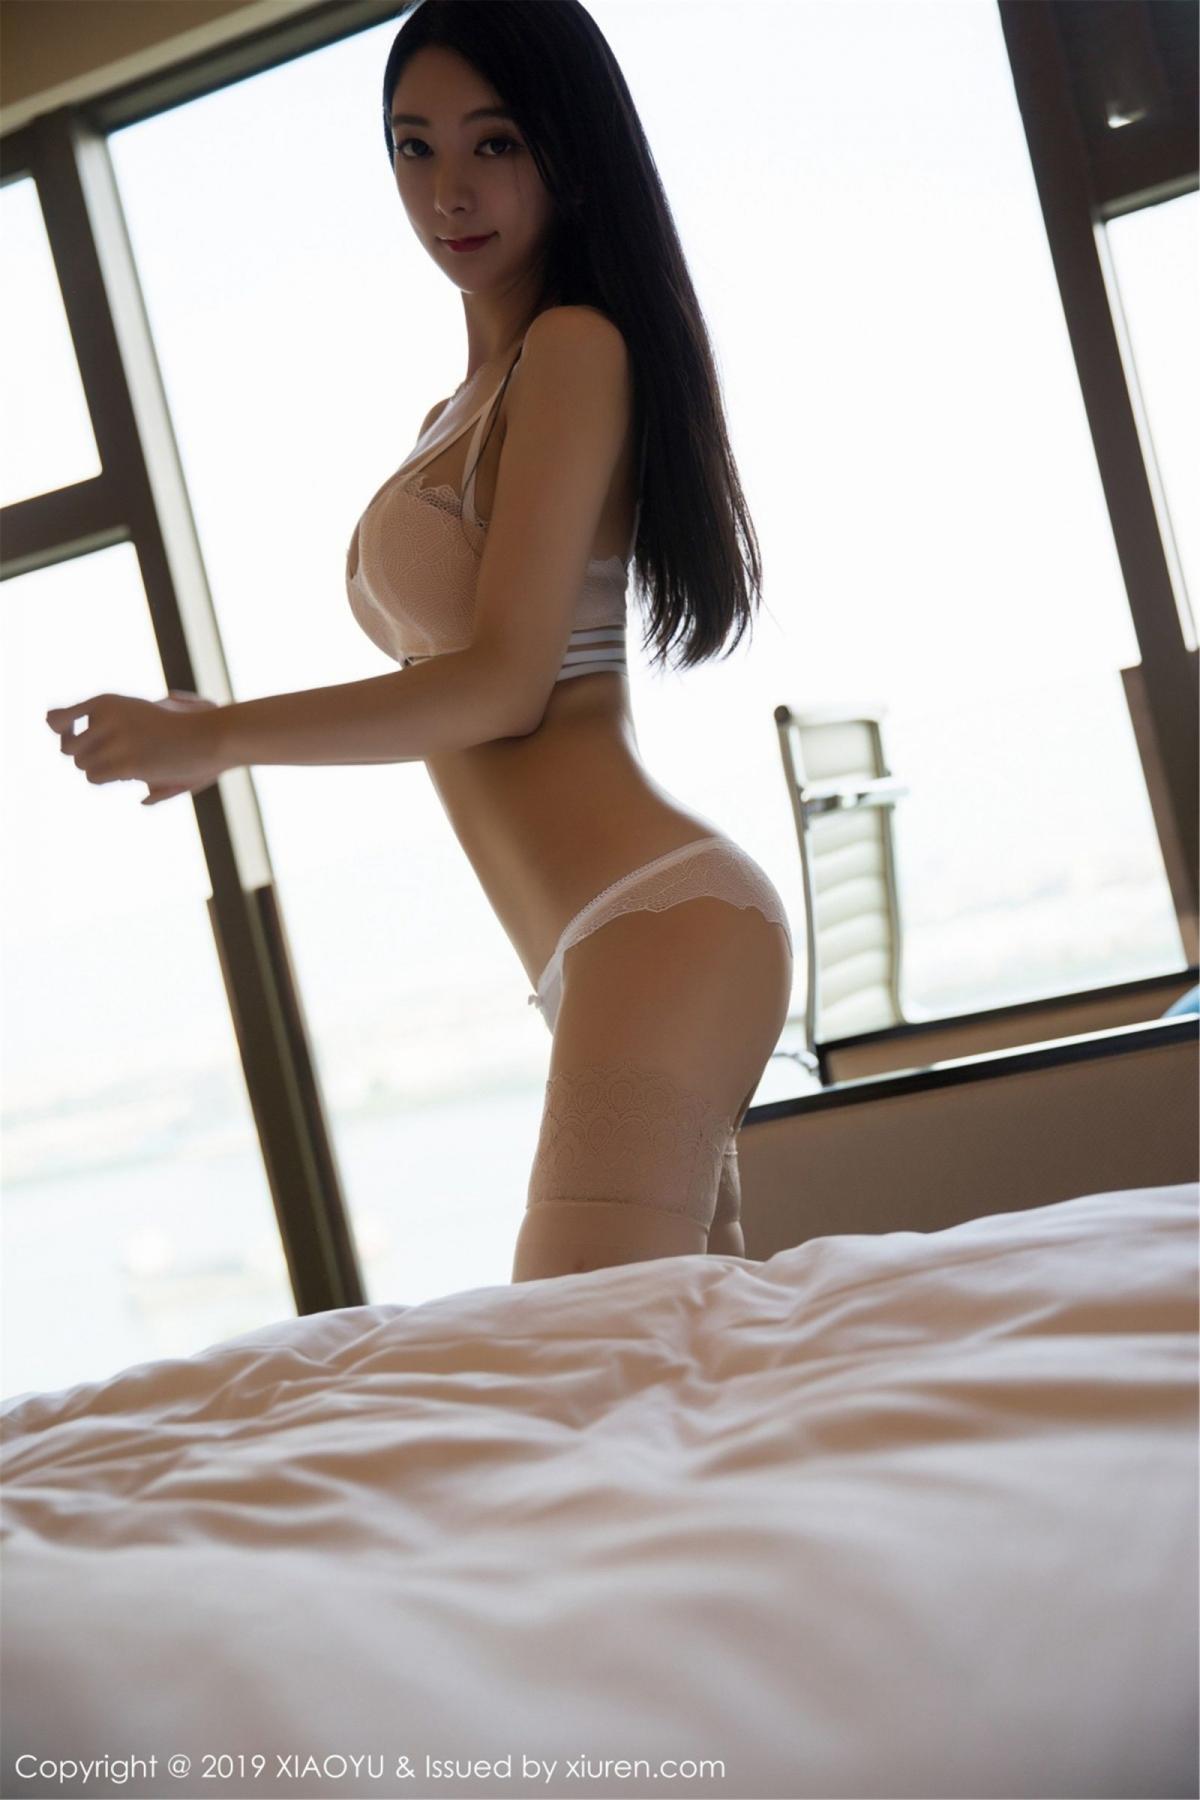 [XiaoYu] Vol.052 desertrmb 17P, Di Yi, Foot, Underwear, XiaoYu